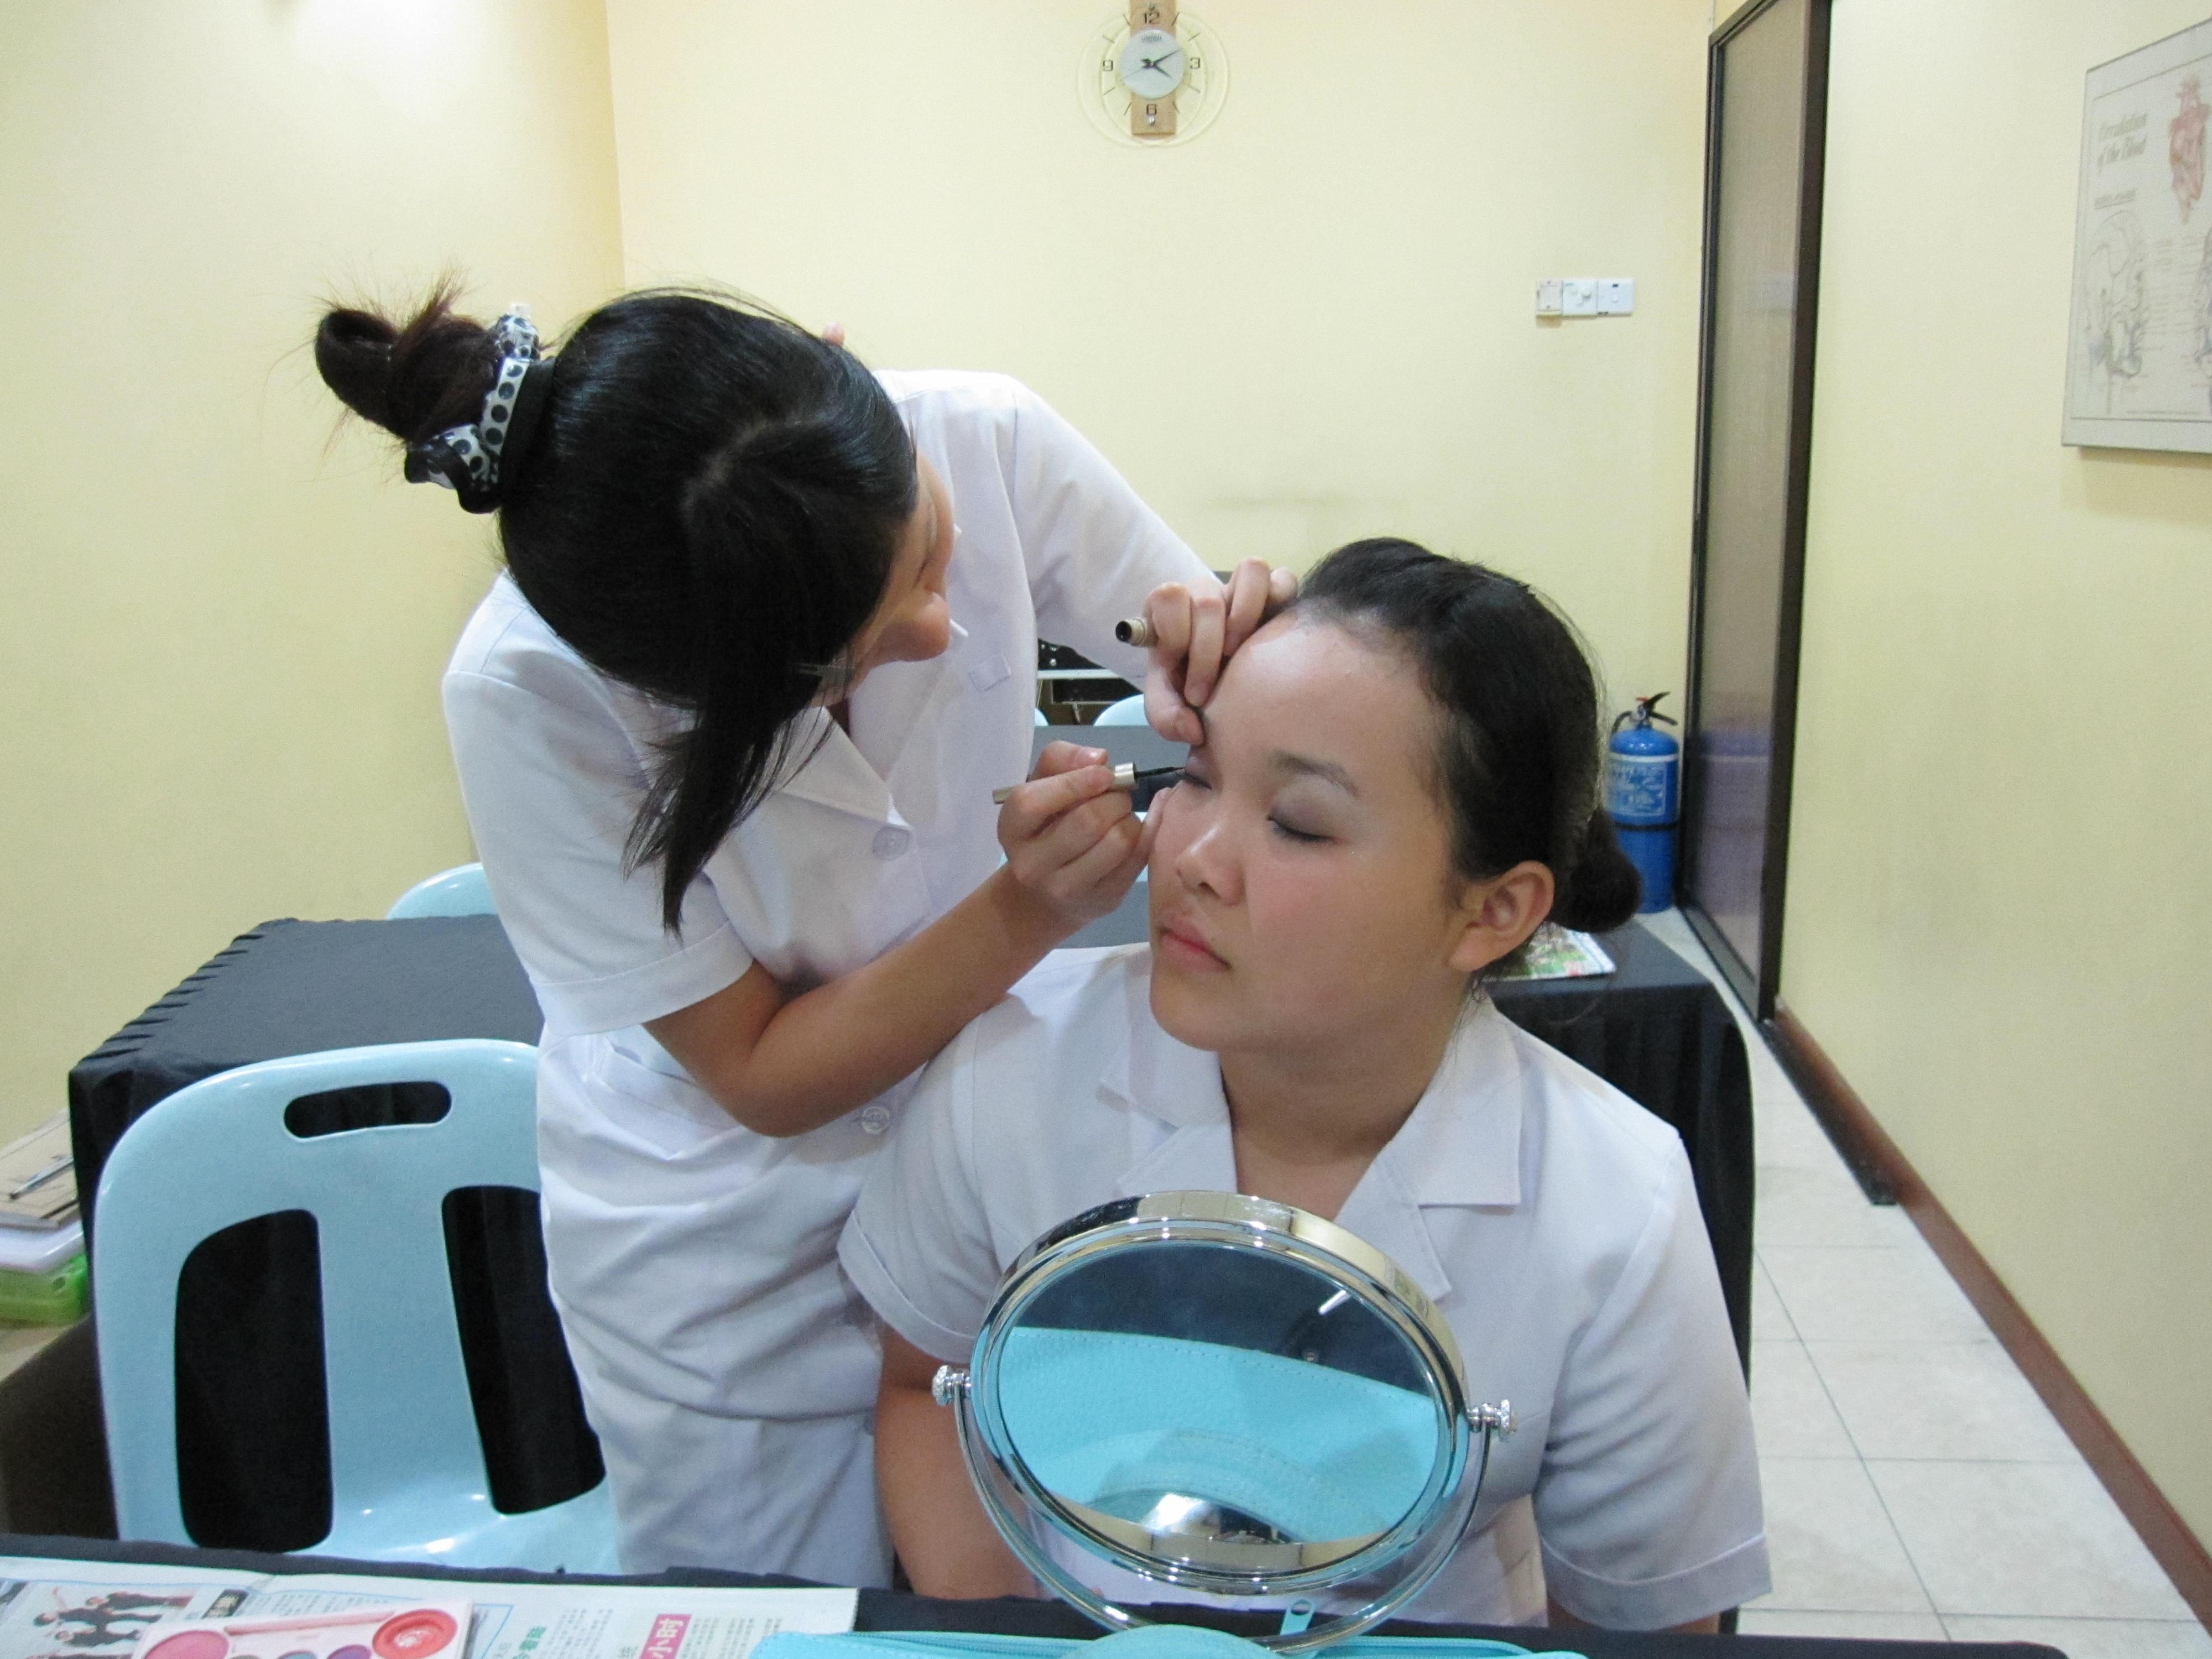 在化妆的时刻,眼部往往是重妆区,也就是重灾区,对于常化妆的朋友们,不要忽略眼部保养哦!